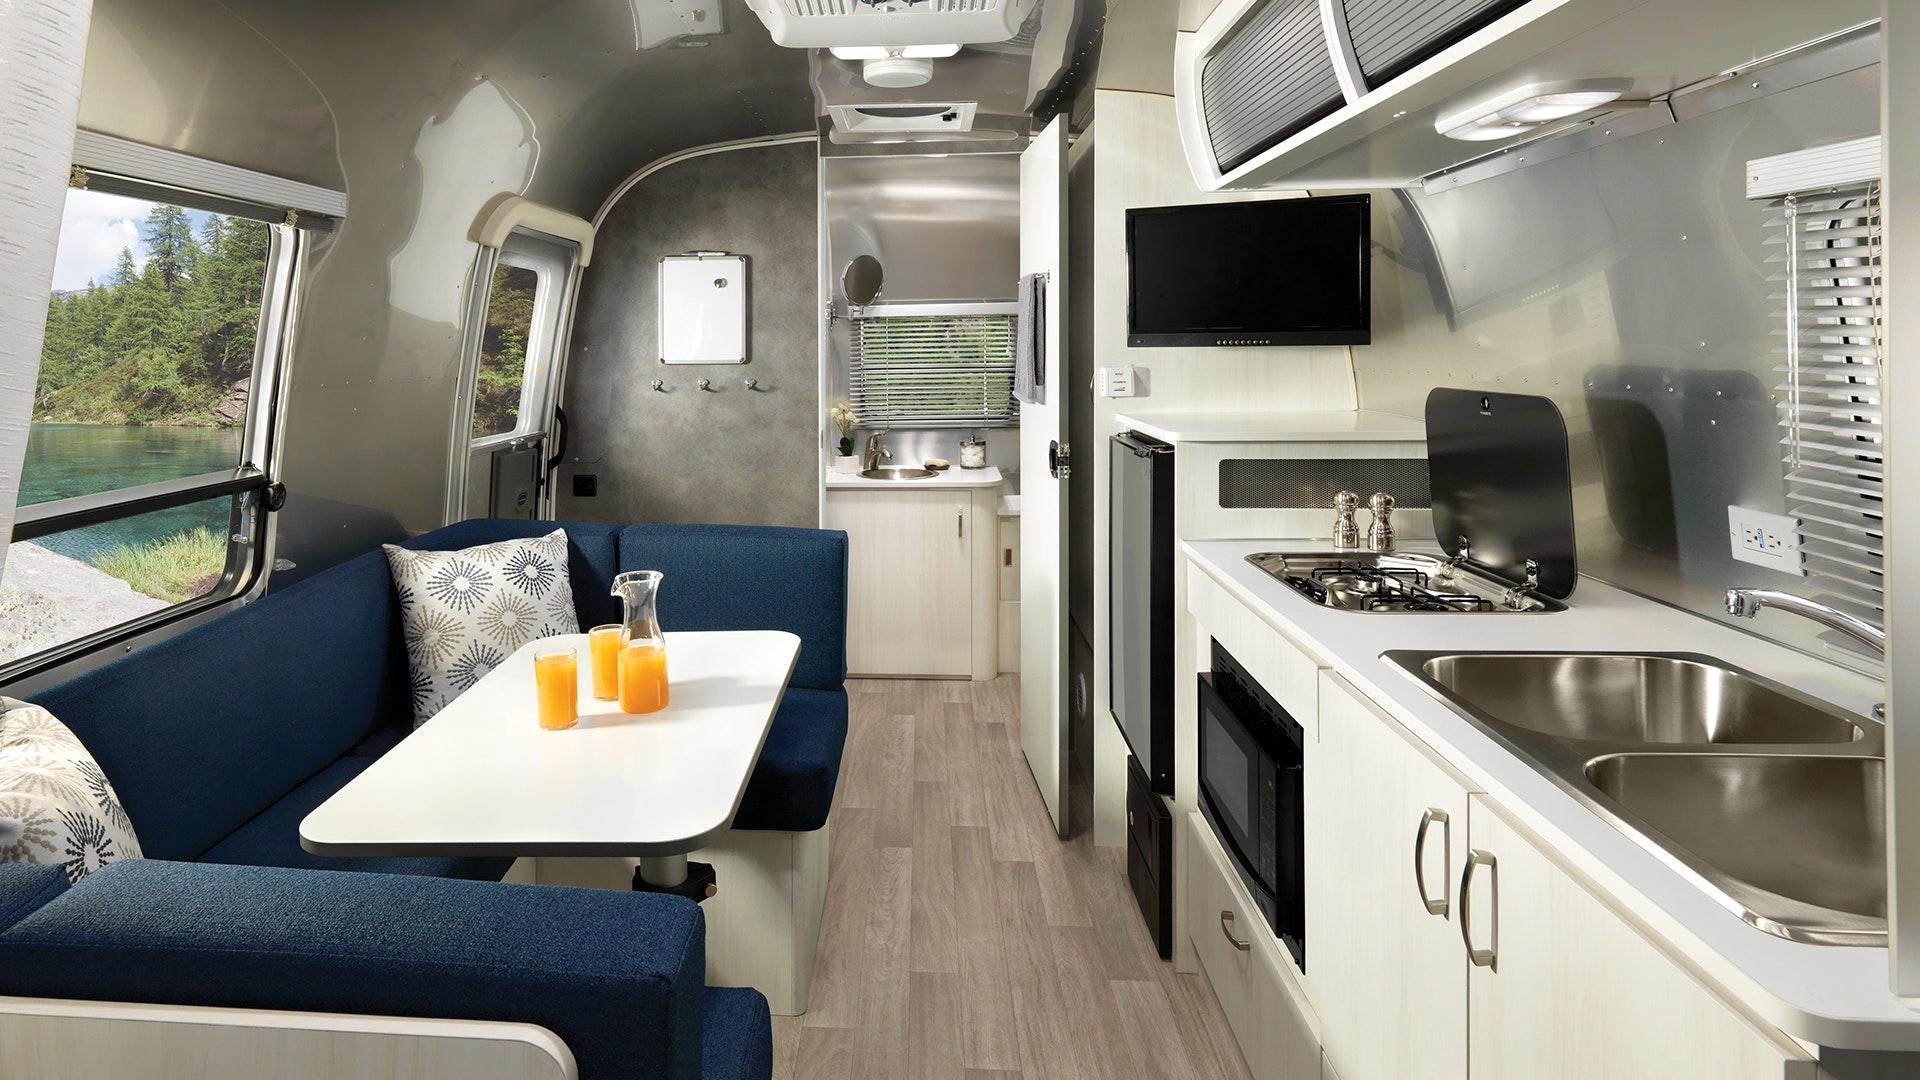 Airstream Travel Trailer Motorhome Bamboo Coaster Set 5 pcs Laser Eng.